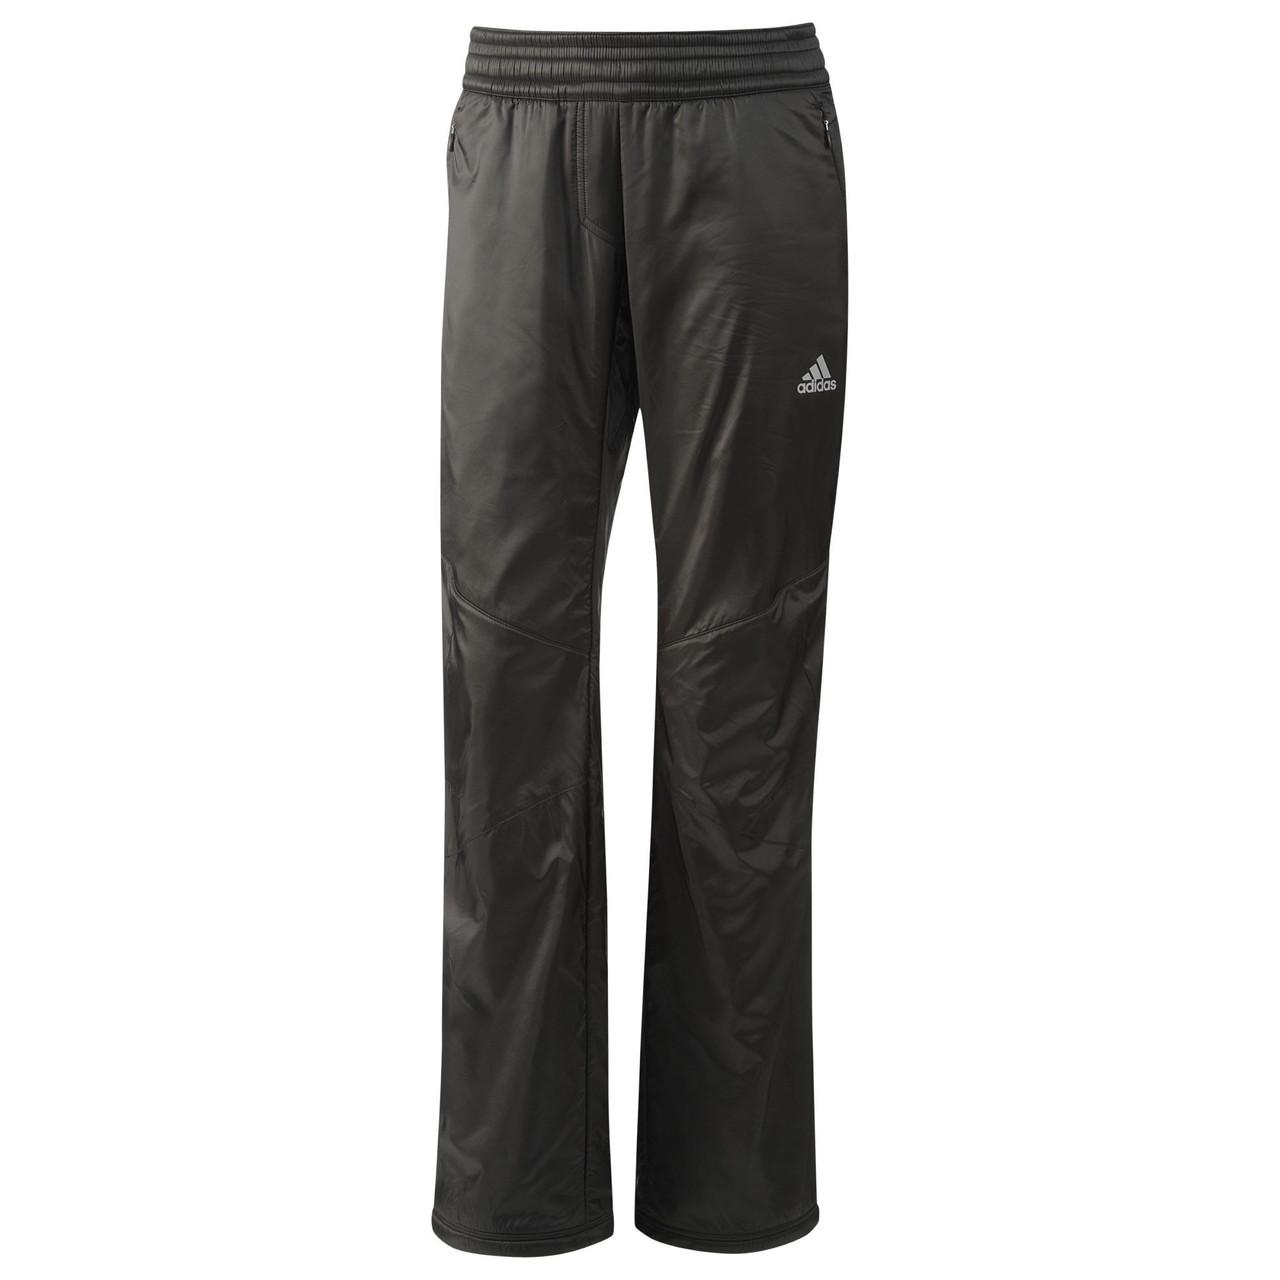 Женские брюки adidas WOMEN HIKING WINDFLEECE PANTS (АРТИКУЛ: G91568)